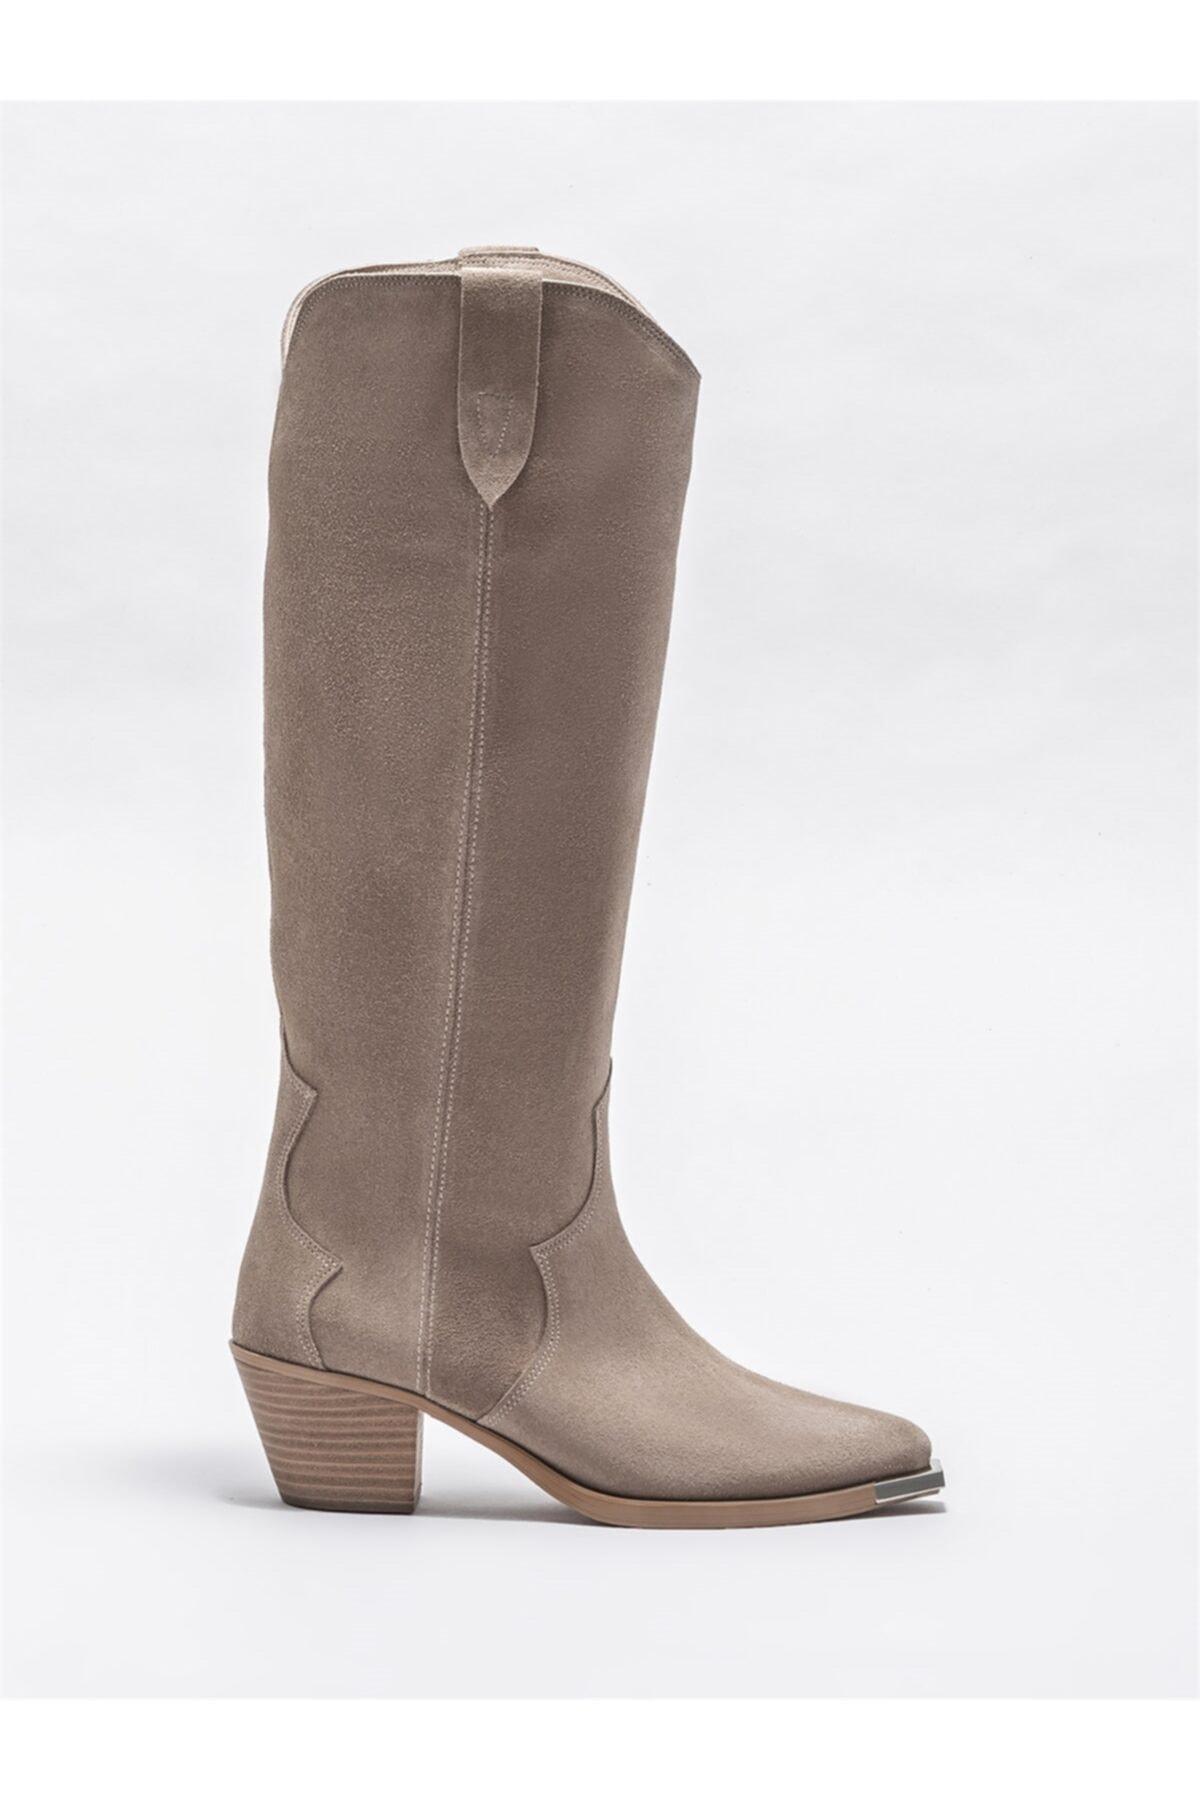 Elle Shoes Kadın Bej Günlük Çizme 1